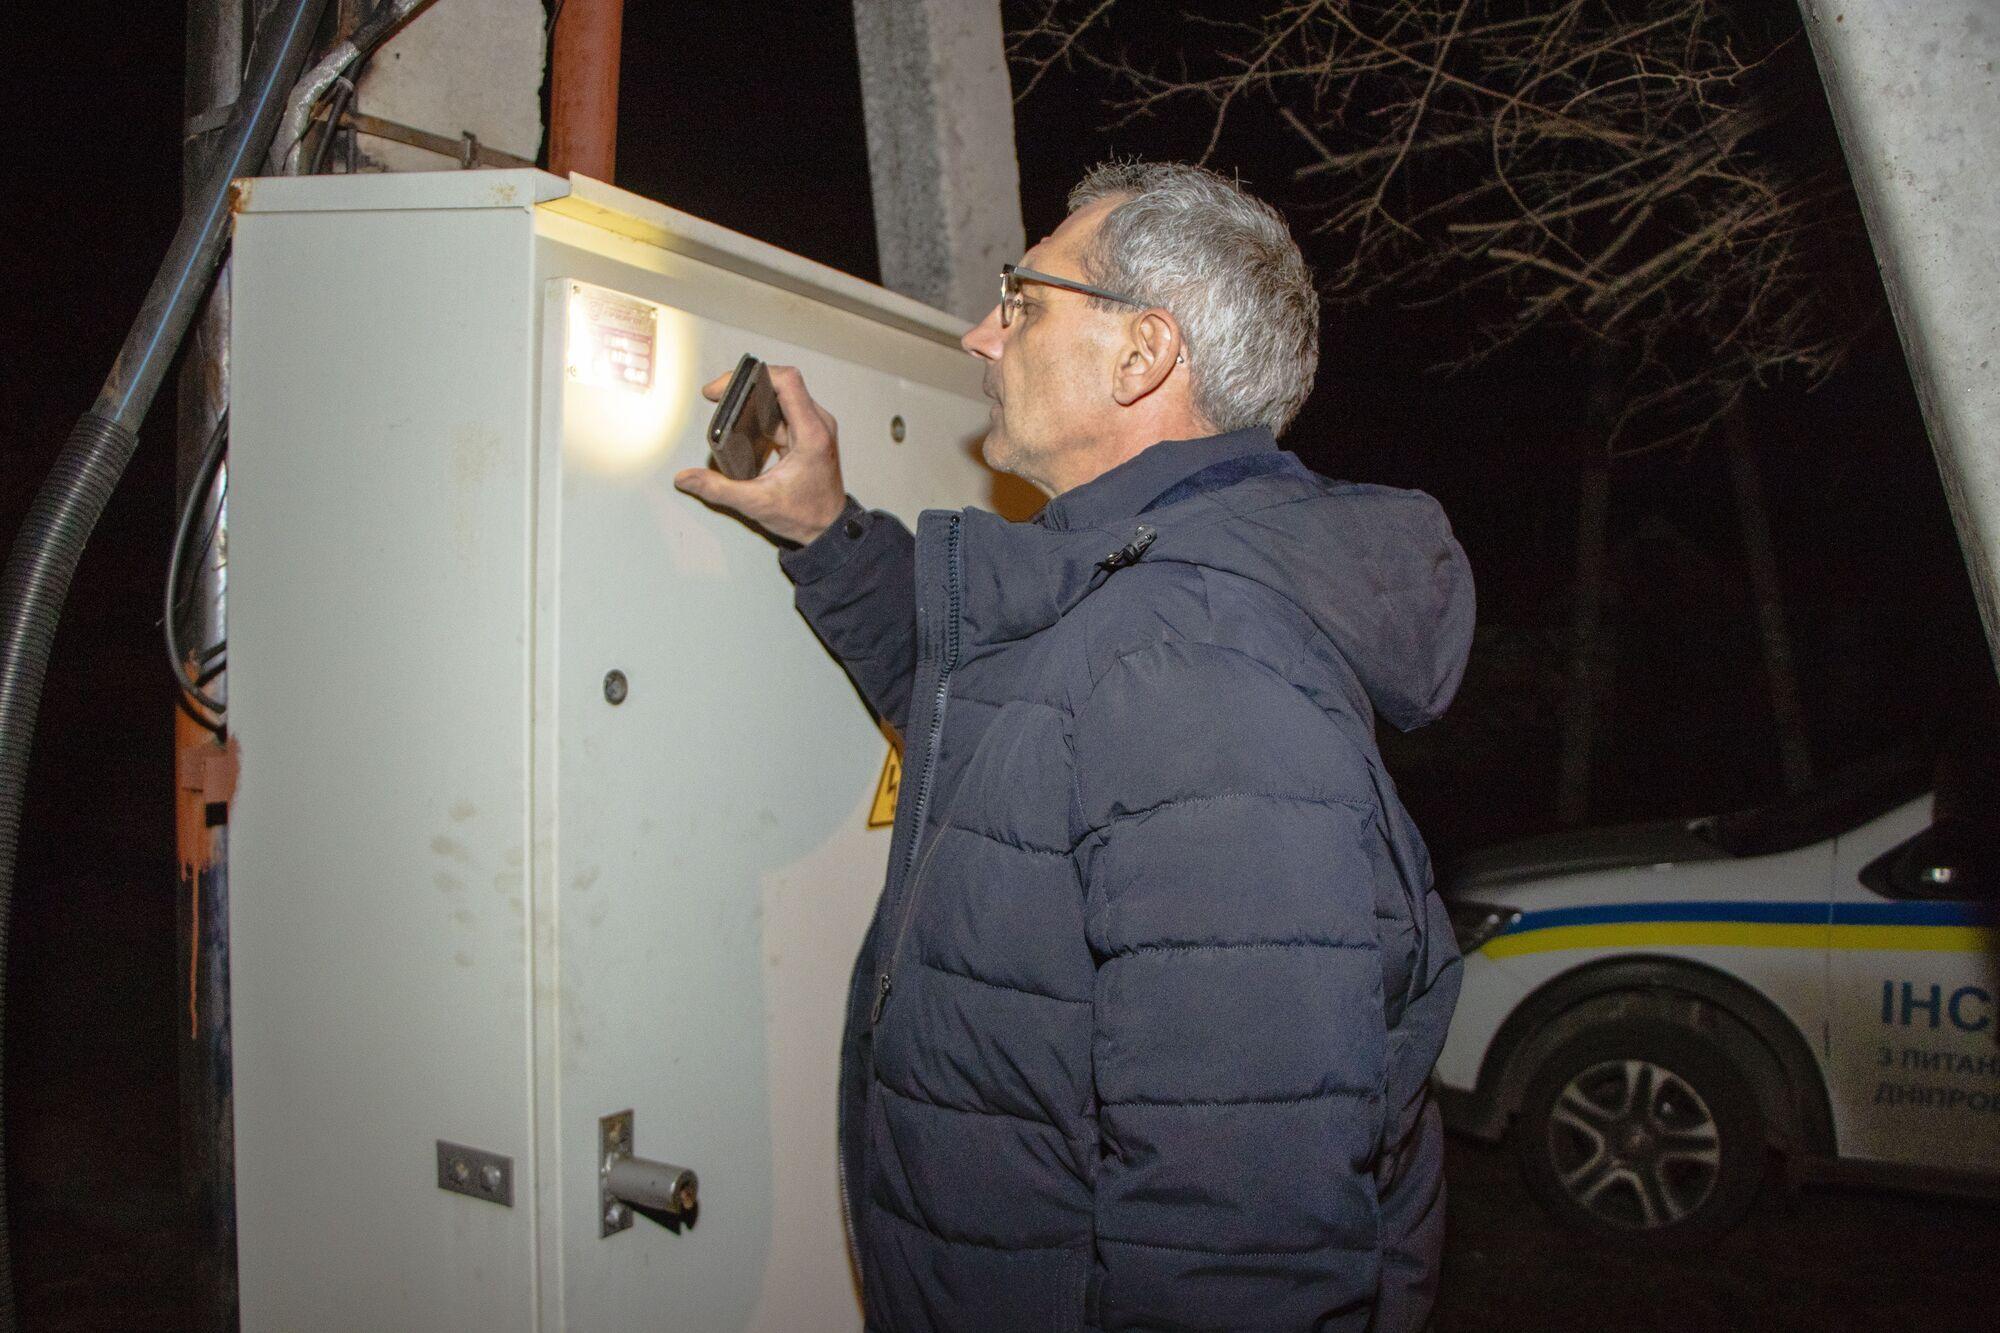 Данные о нарушениях инспекция передаст в полицию